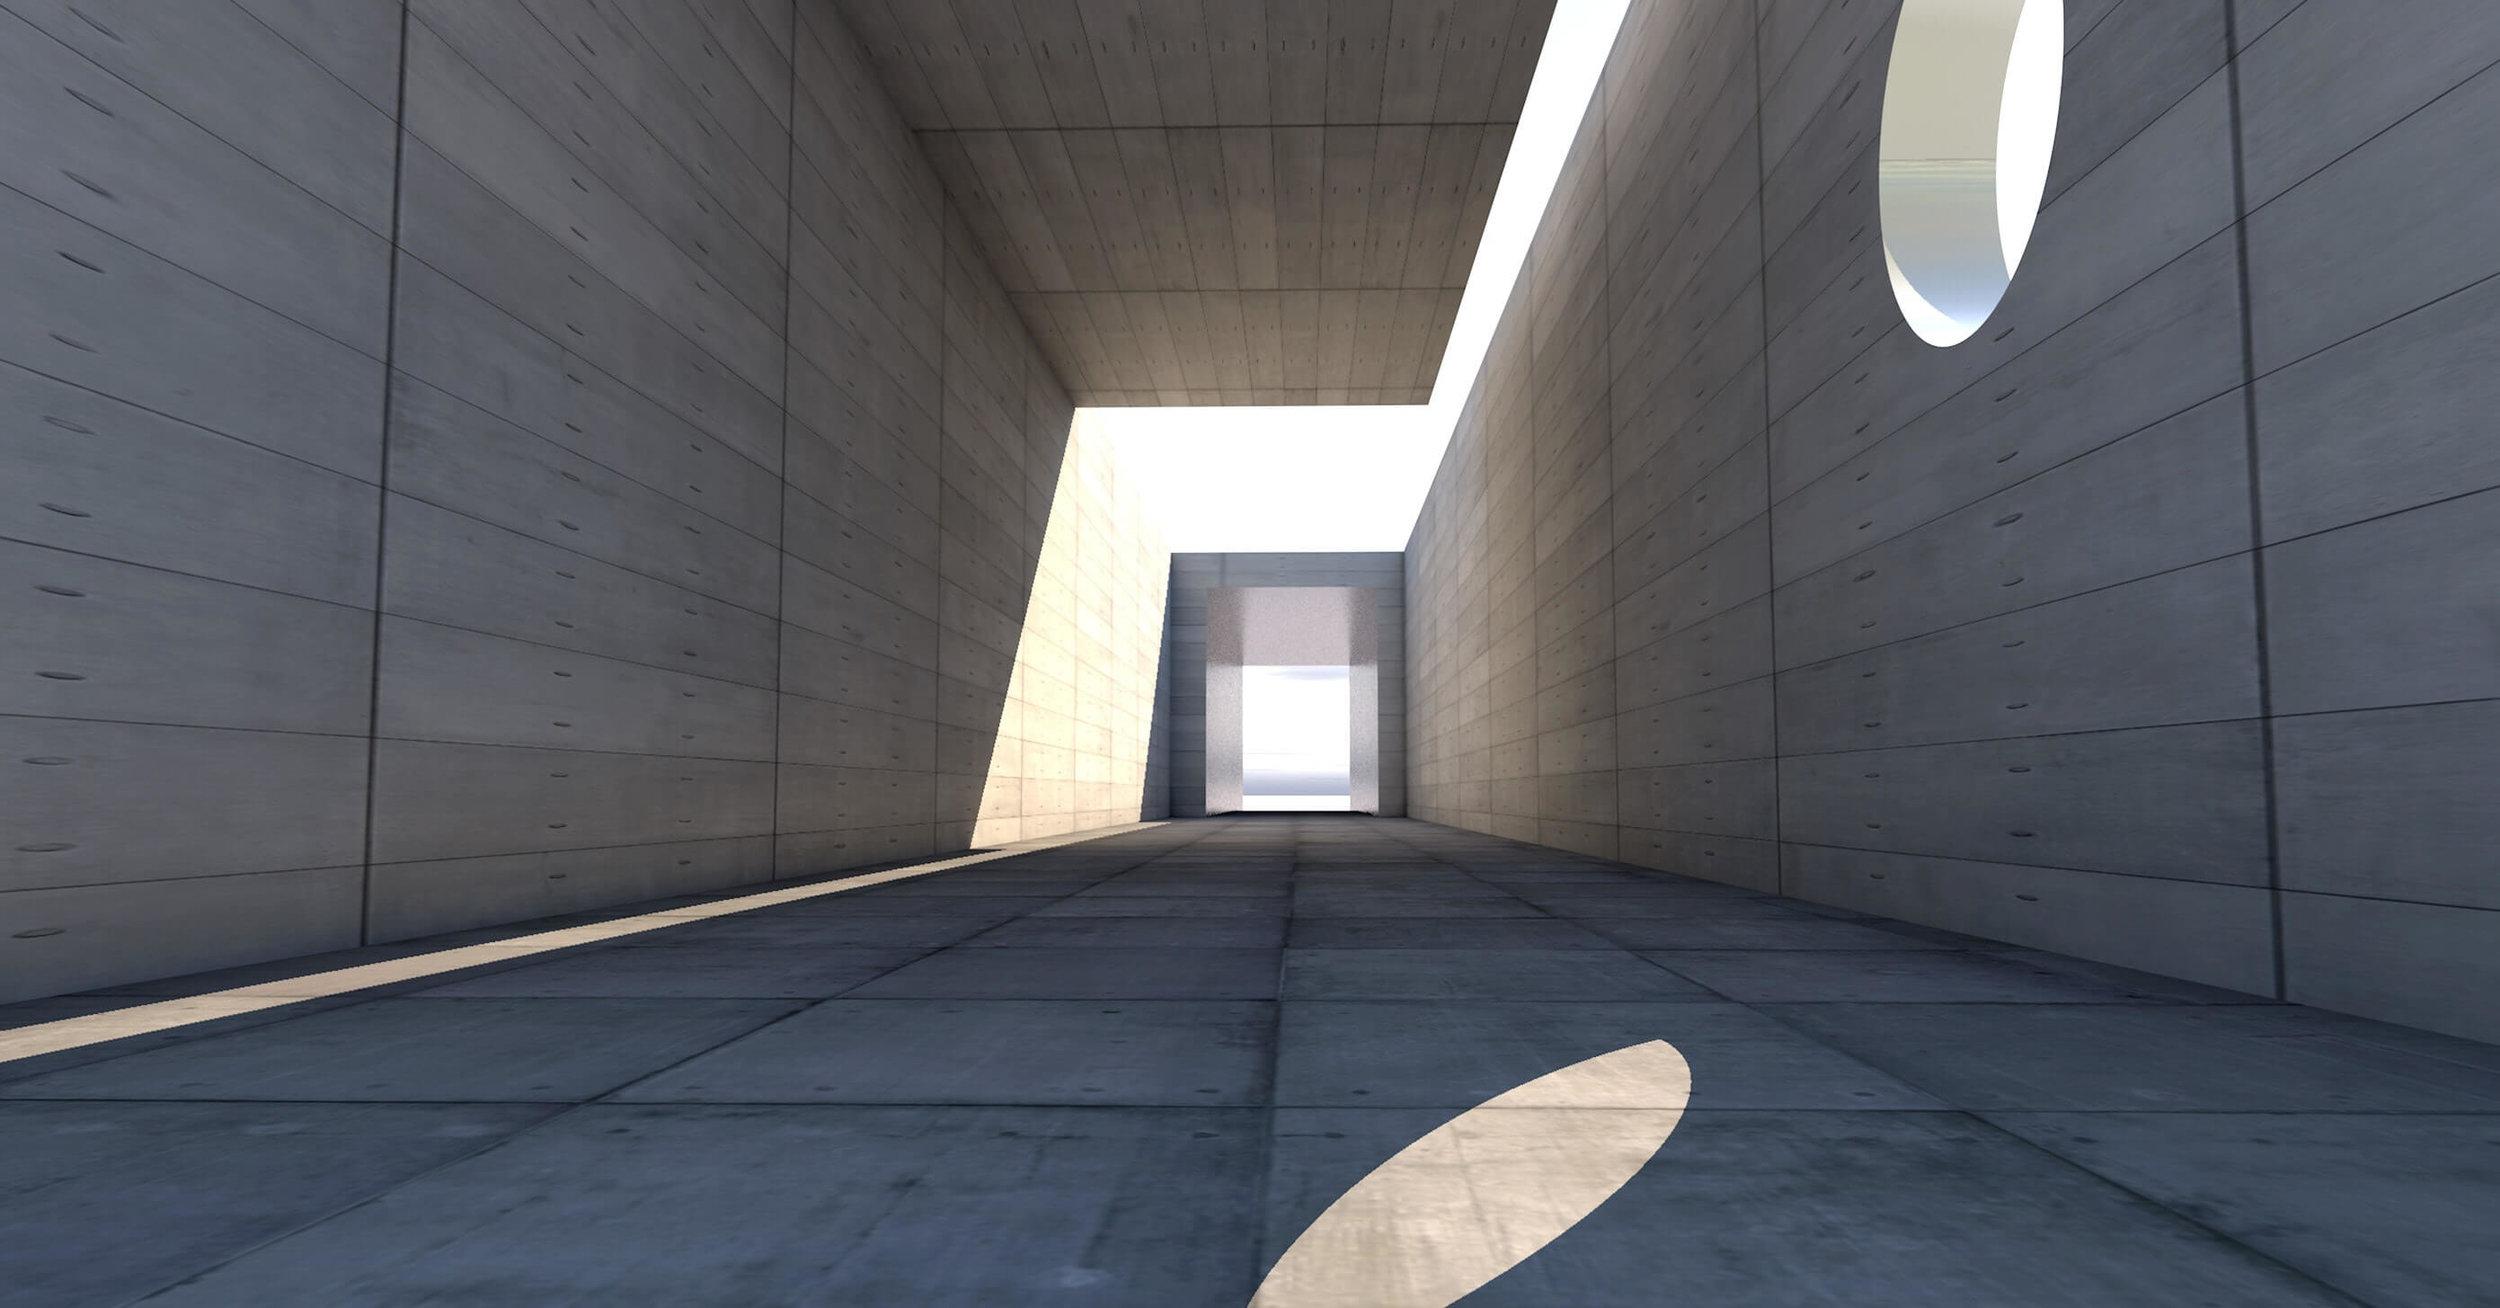 architecture-building-concrete-327482 (1).jpg